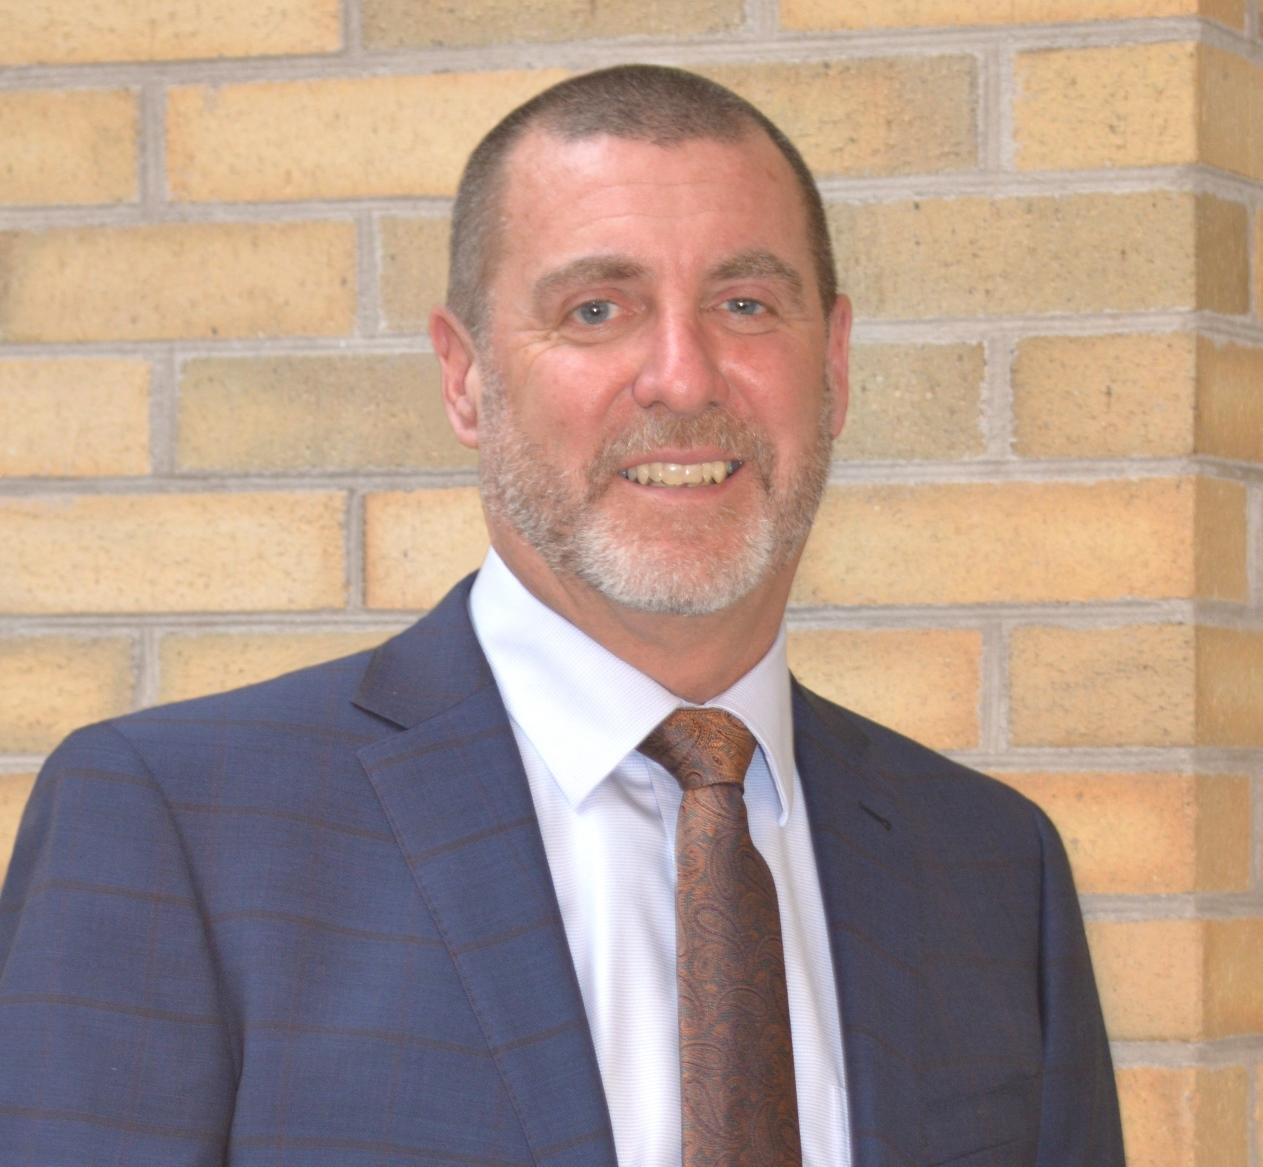 Mayor Letham